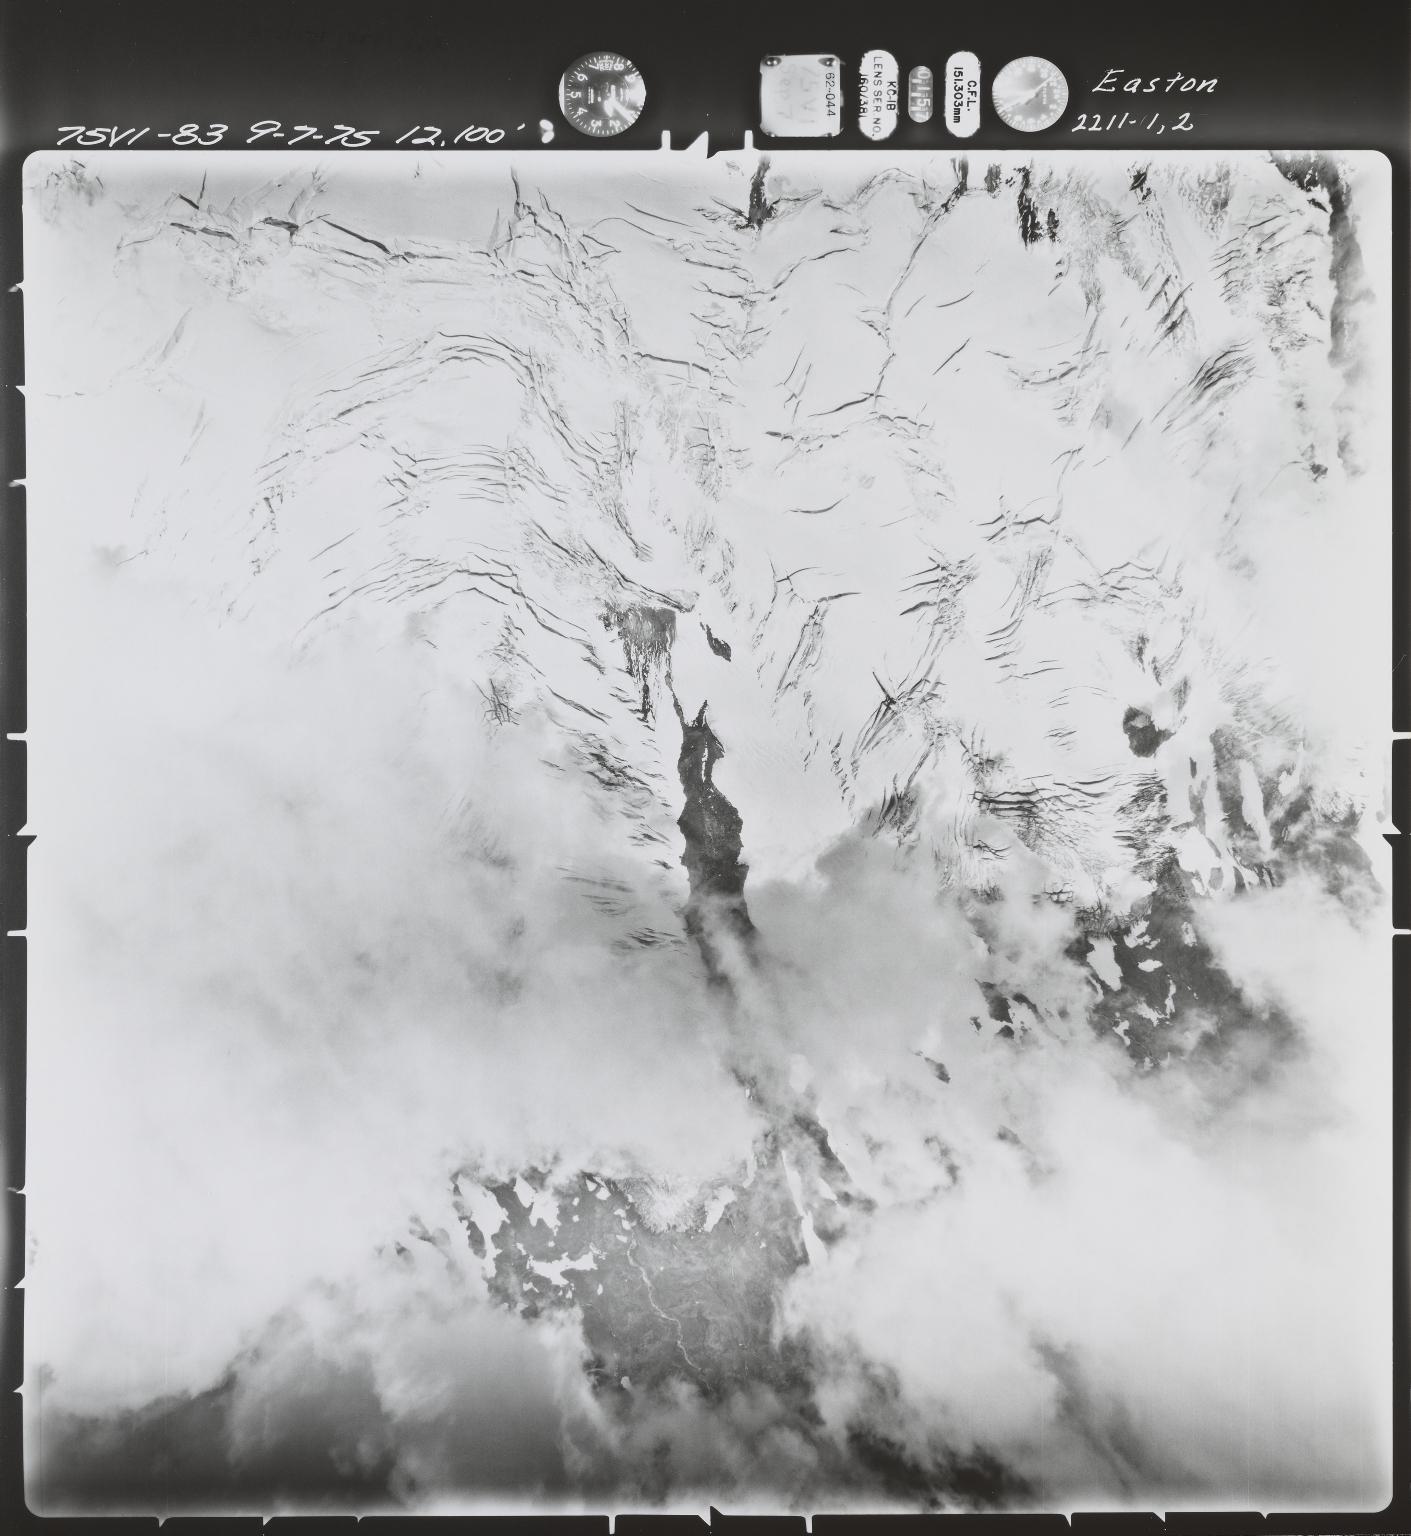 Easton Glacier, Washington